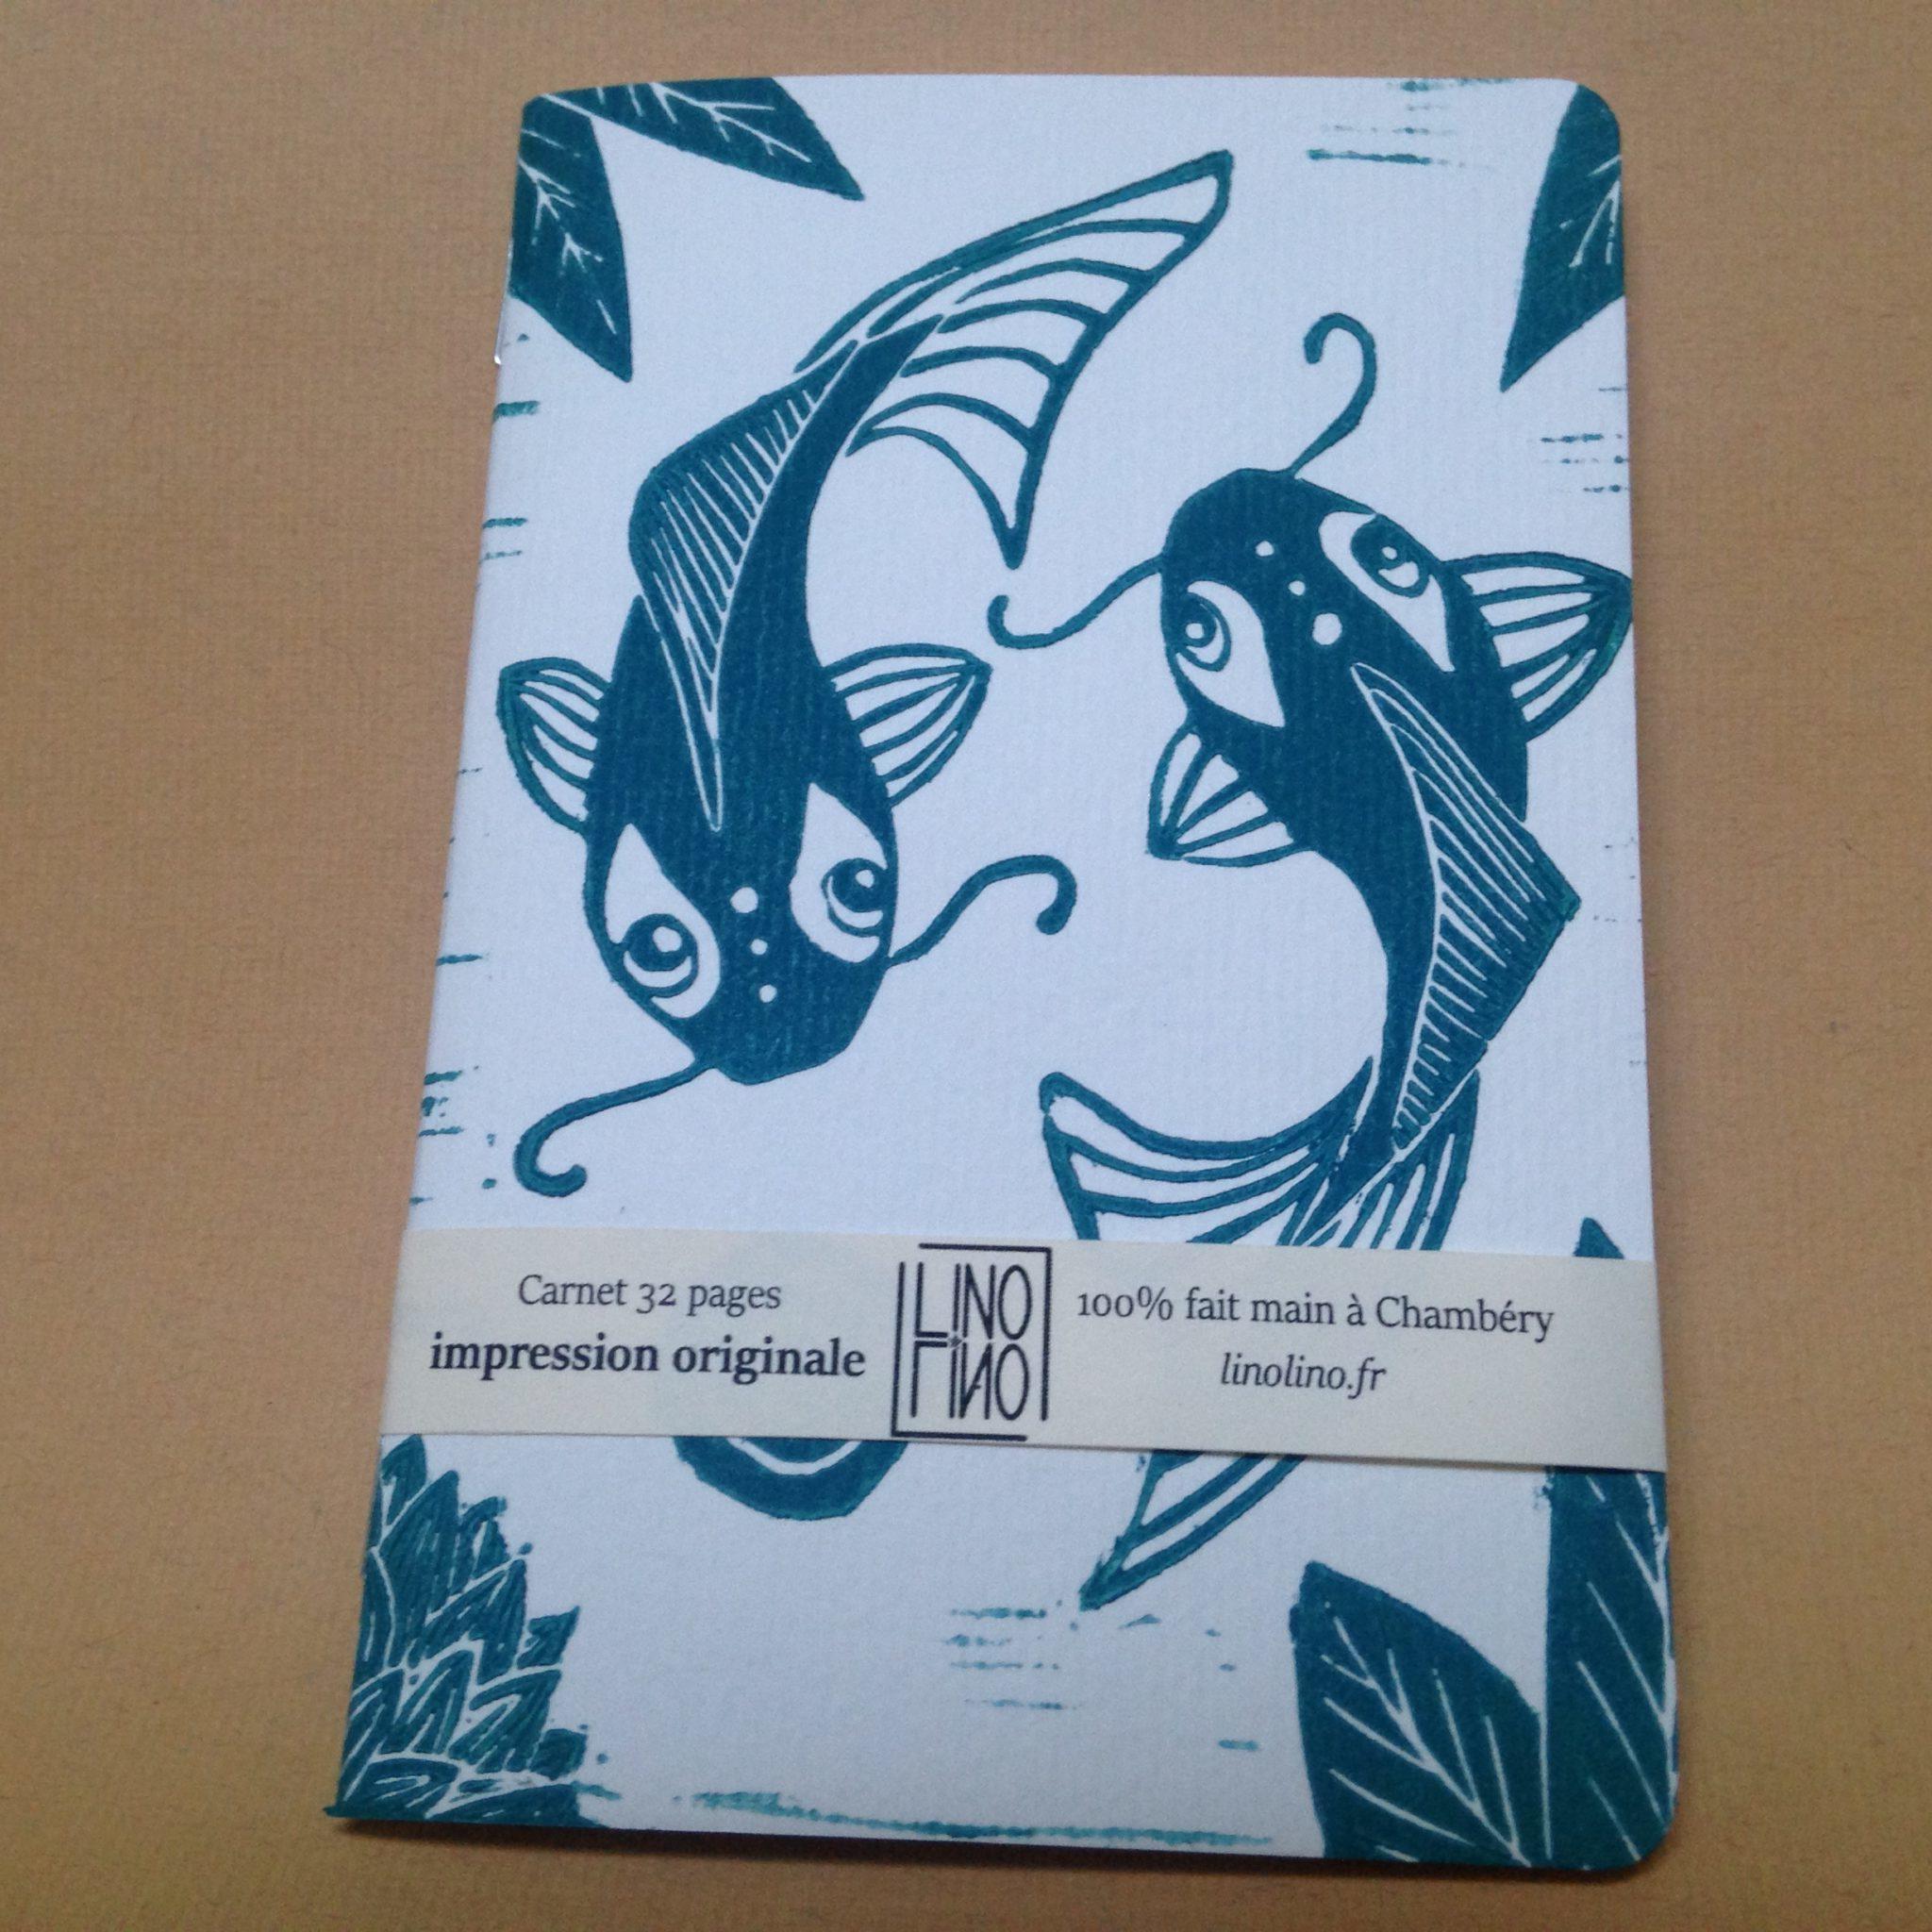 LinoLino | Linogravure et créations à partir d'impressions artisanales | Chambéry, France | Impression originale illustration carnet reliure etang japonais carpe koi koifish notebook